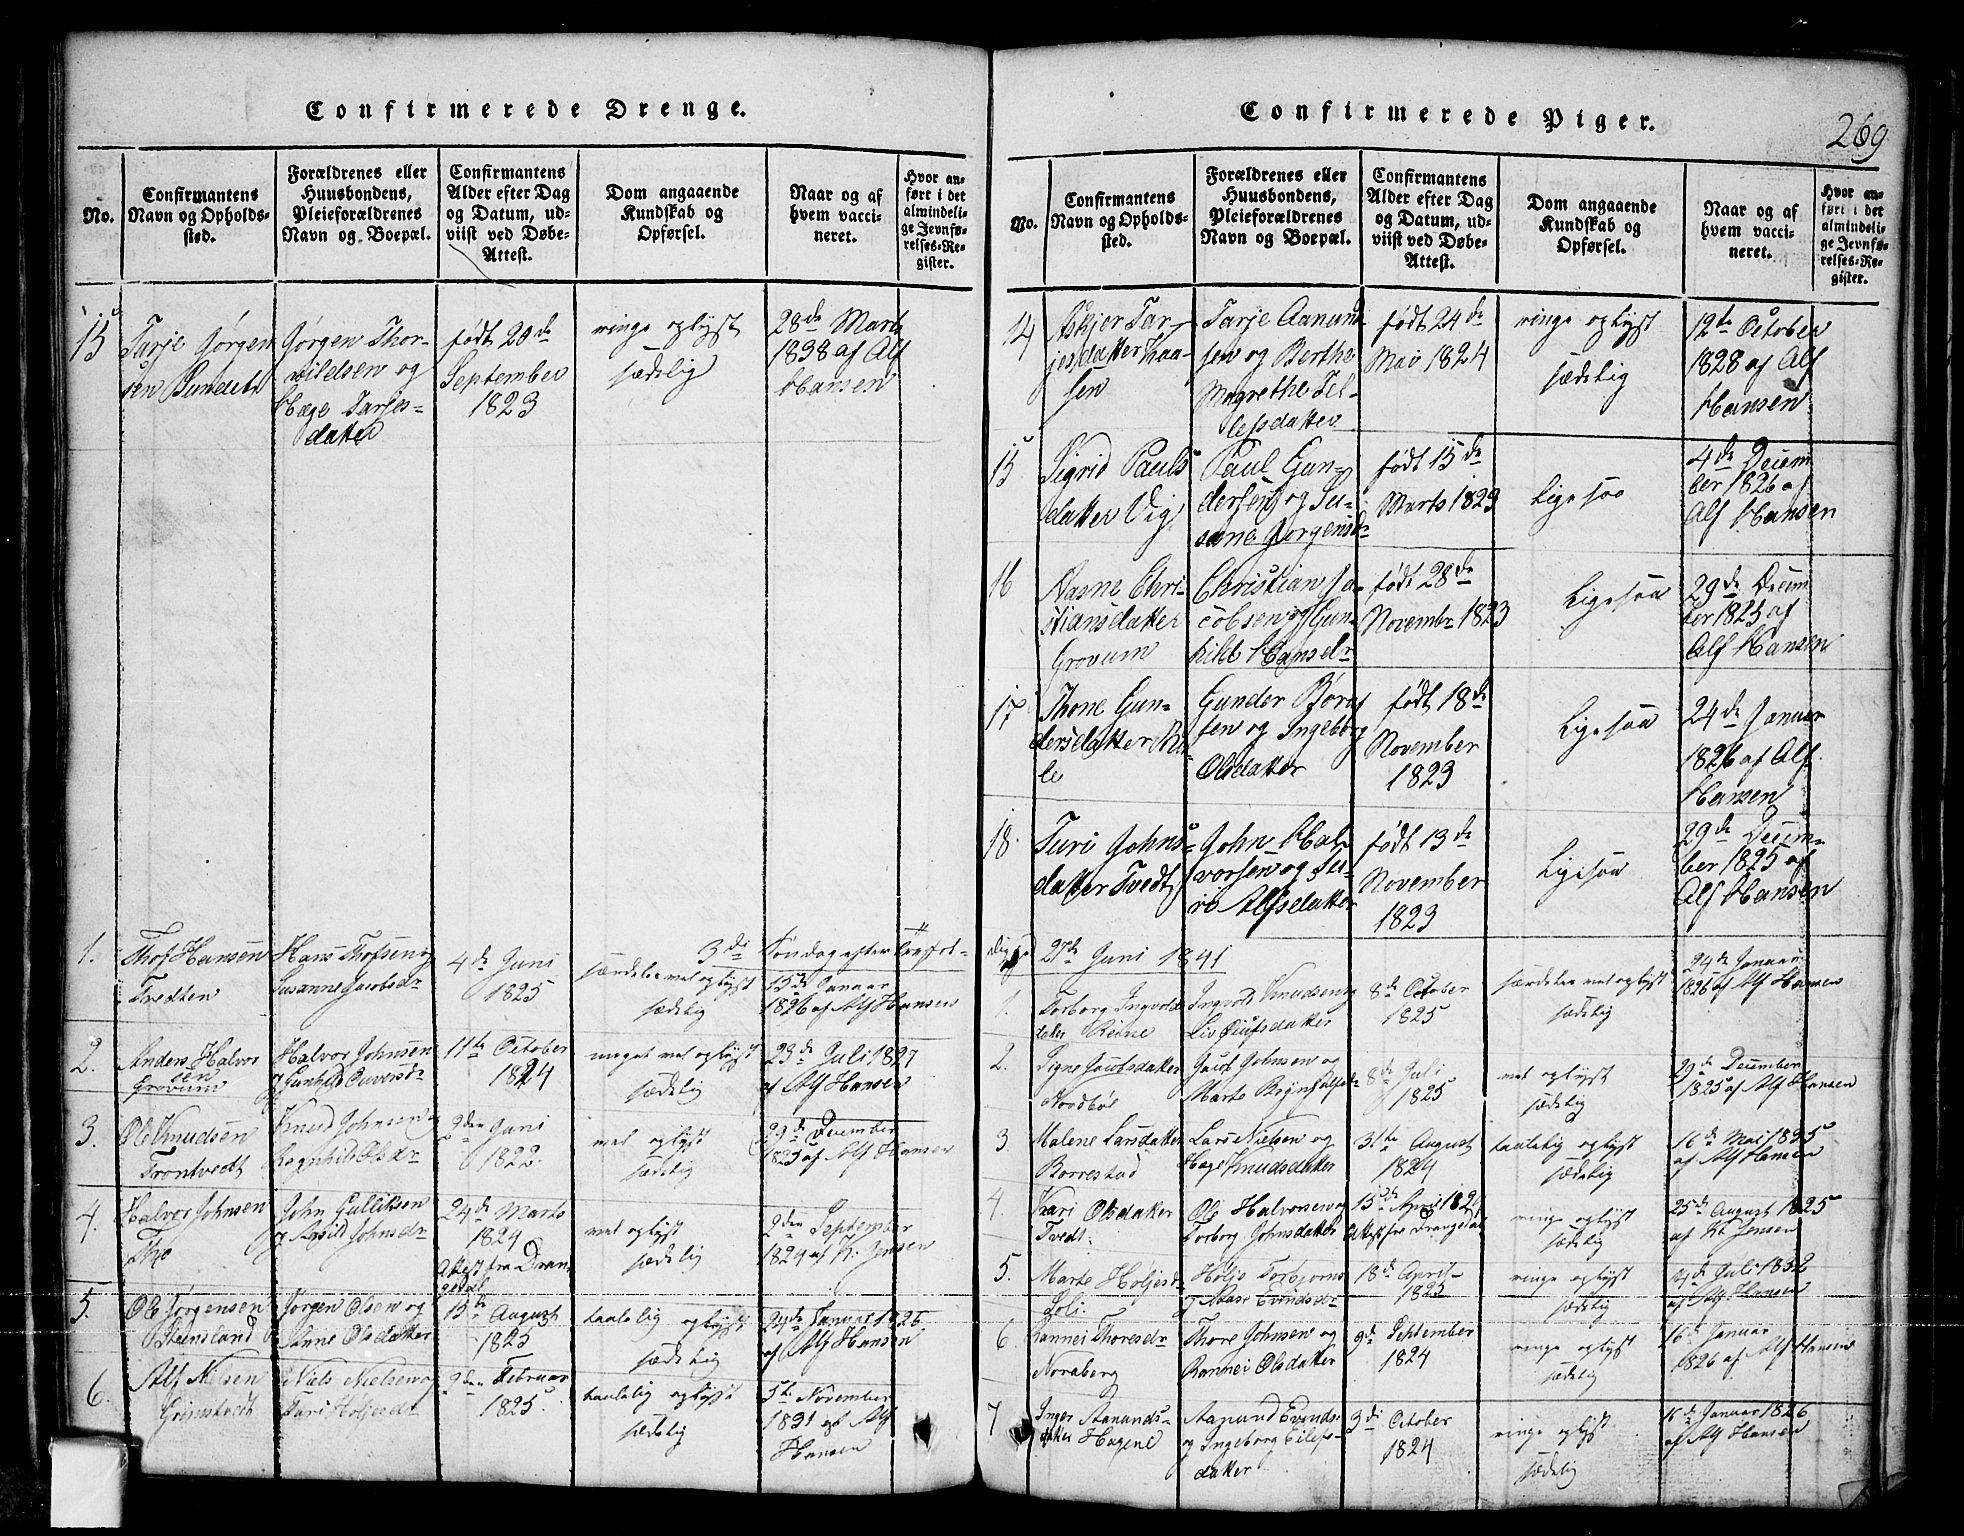 SAKO, Nissedal kirkebøker, G/Ga/L0001: Klokkerbok nr. I 1, 1814-1860, s. 269